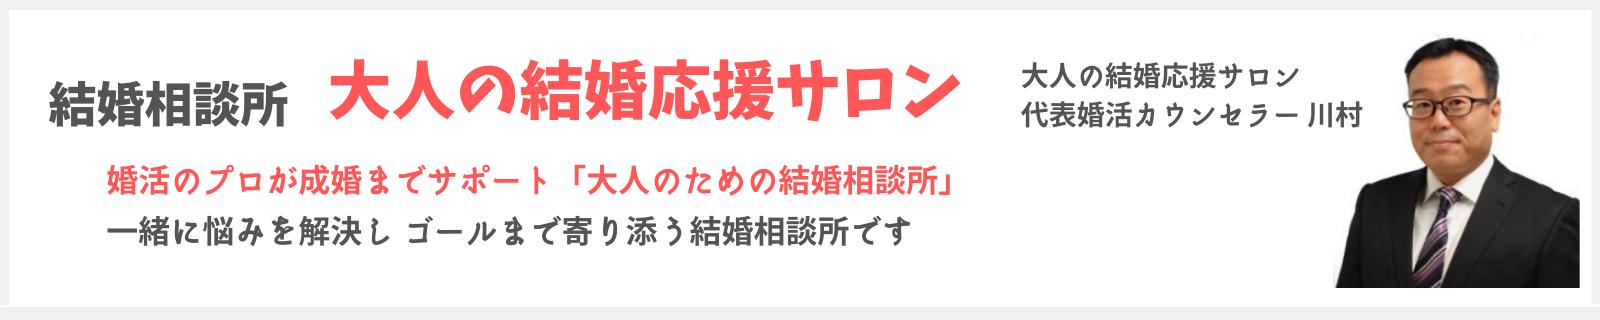 埼玉県所沢市の結婚相談所 大人の結婚応援サロン